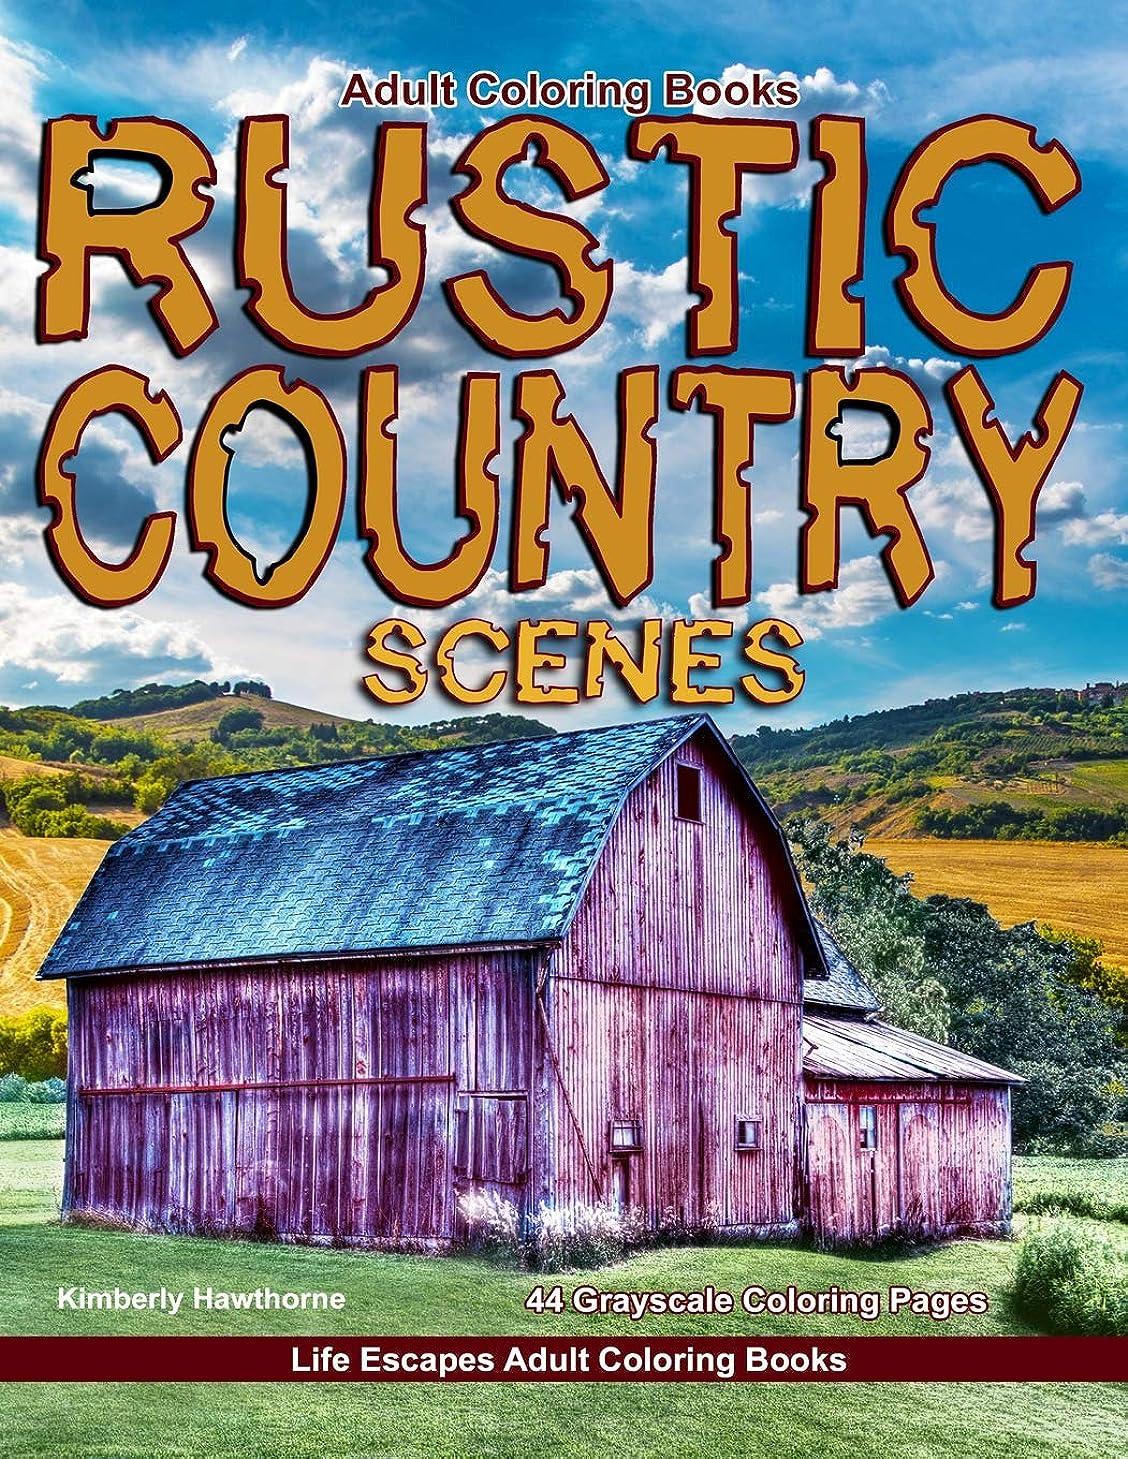 節約仮称奪うAdult Coloring Books Rustic Country Scenes: 44 grayscale coloring pages of rustic country scenes, barns, tractors, wagons, farms, chickens, roosters, horses, cows and more